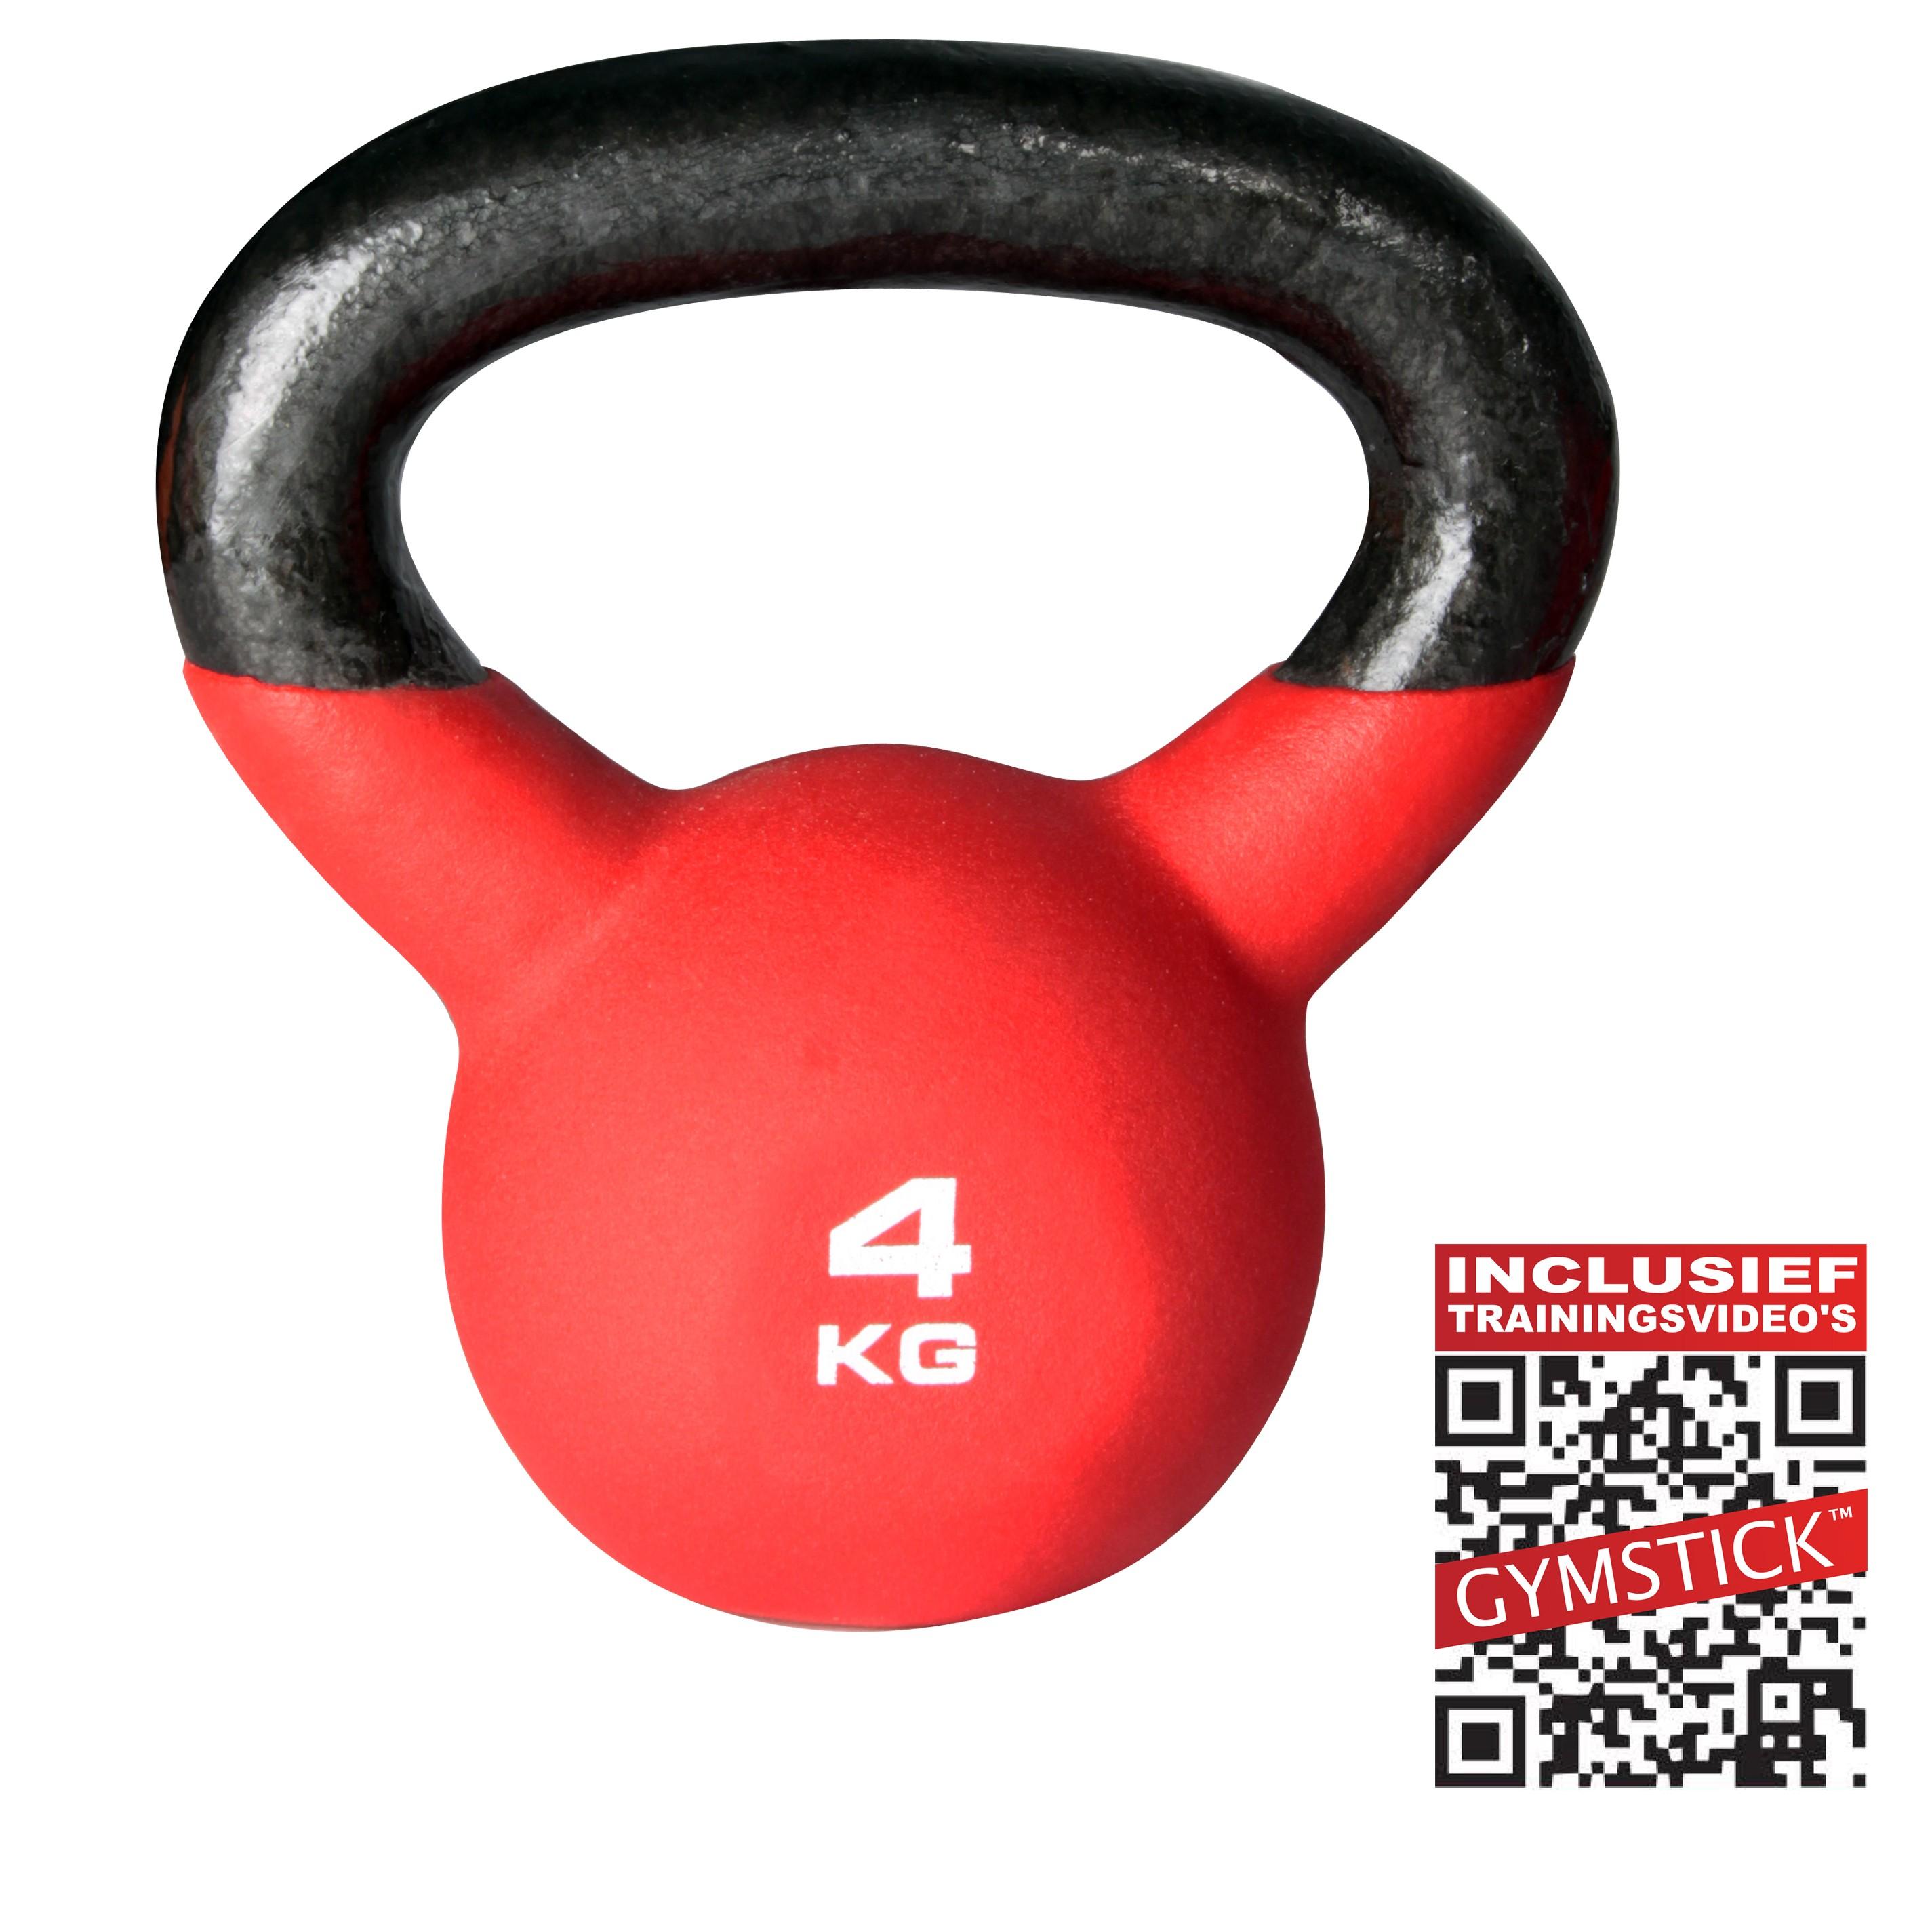 Gymstick Kettlebell Pro 4 kg Neopreen Met Trainingsvideo's